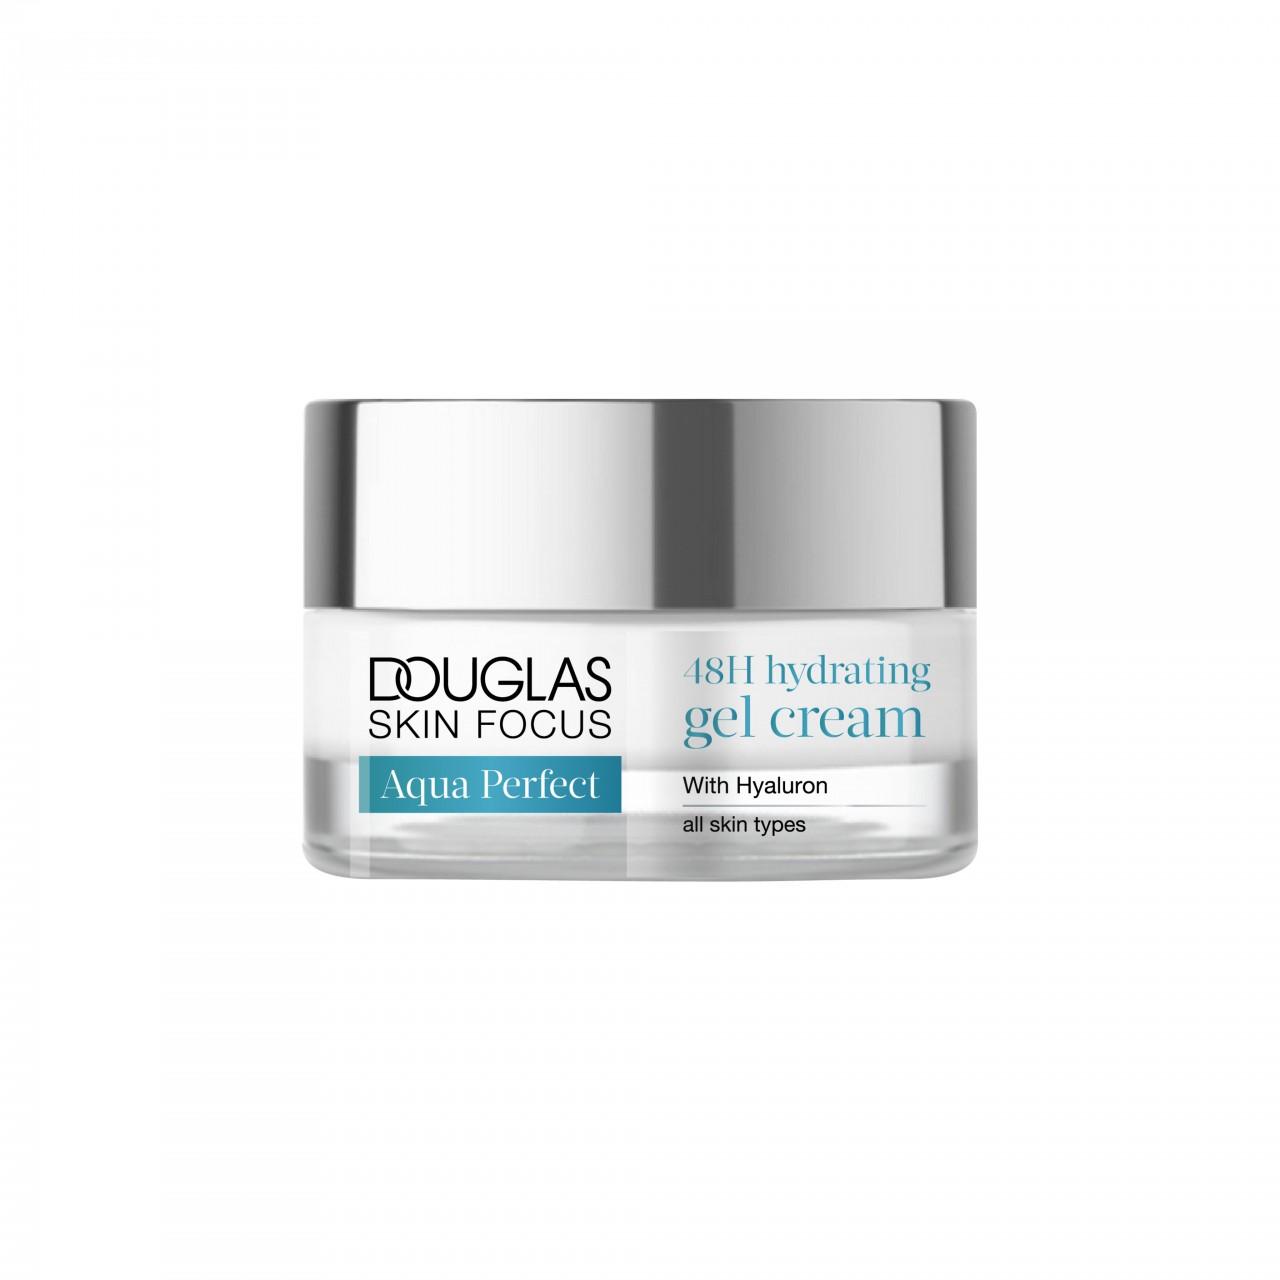 Douglas Focus 48H Hydrating Gel Cream